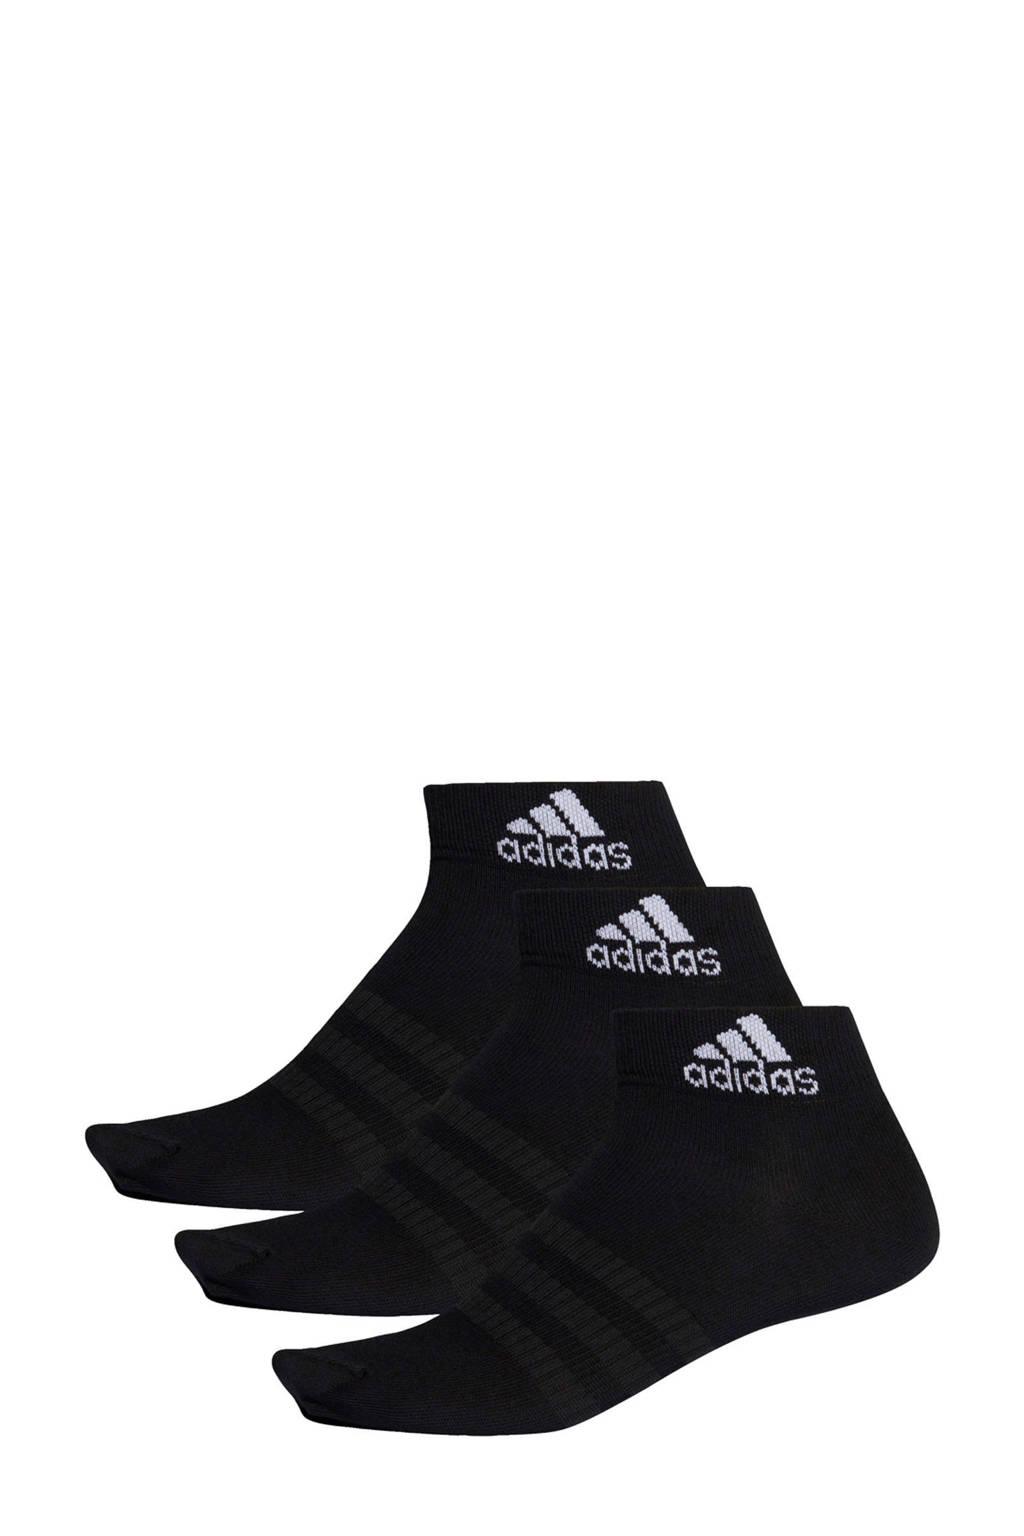 adidas   sportsokken (set van 3) zwart, Zwart